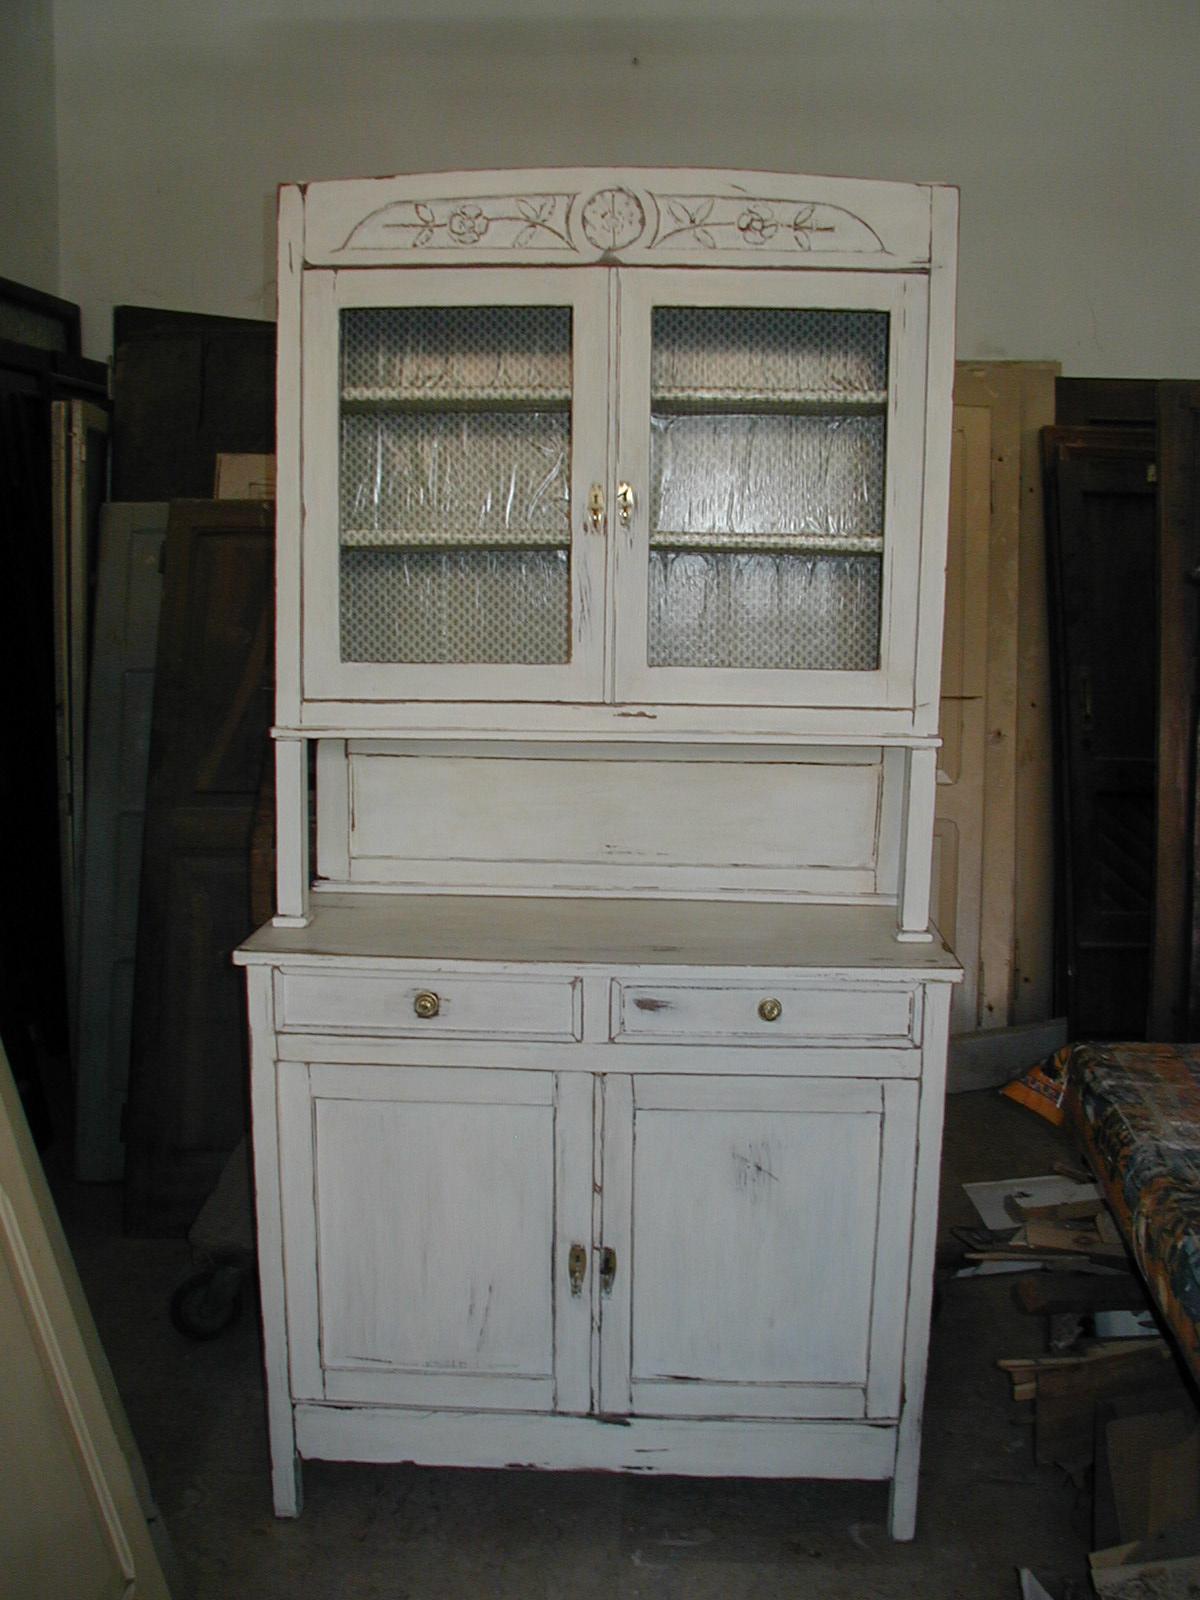 Il riuso di porte portoni e mobili vecchi ed antichi - Mobili shabby usati ...